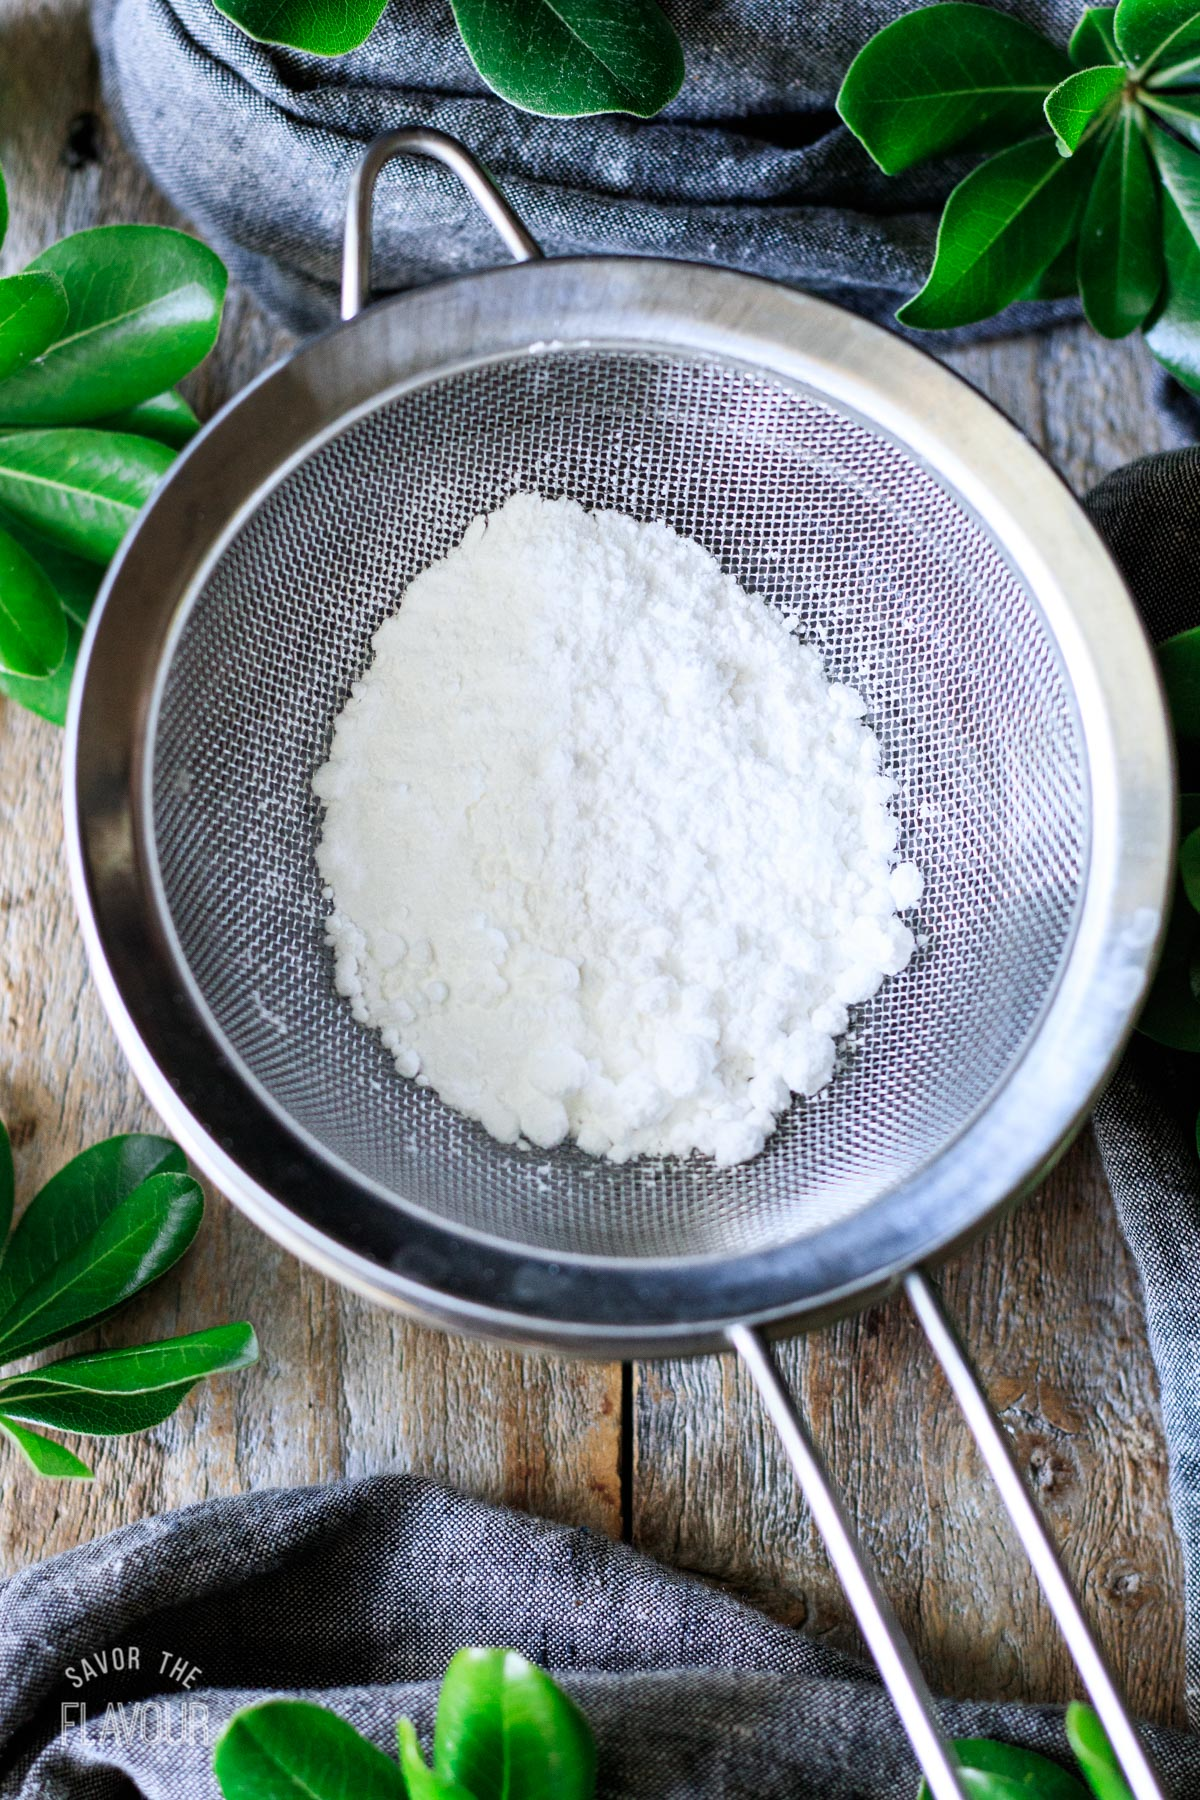 sifting powdered sugar into a small bowl